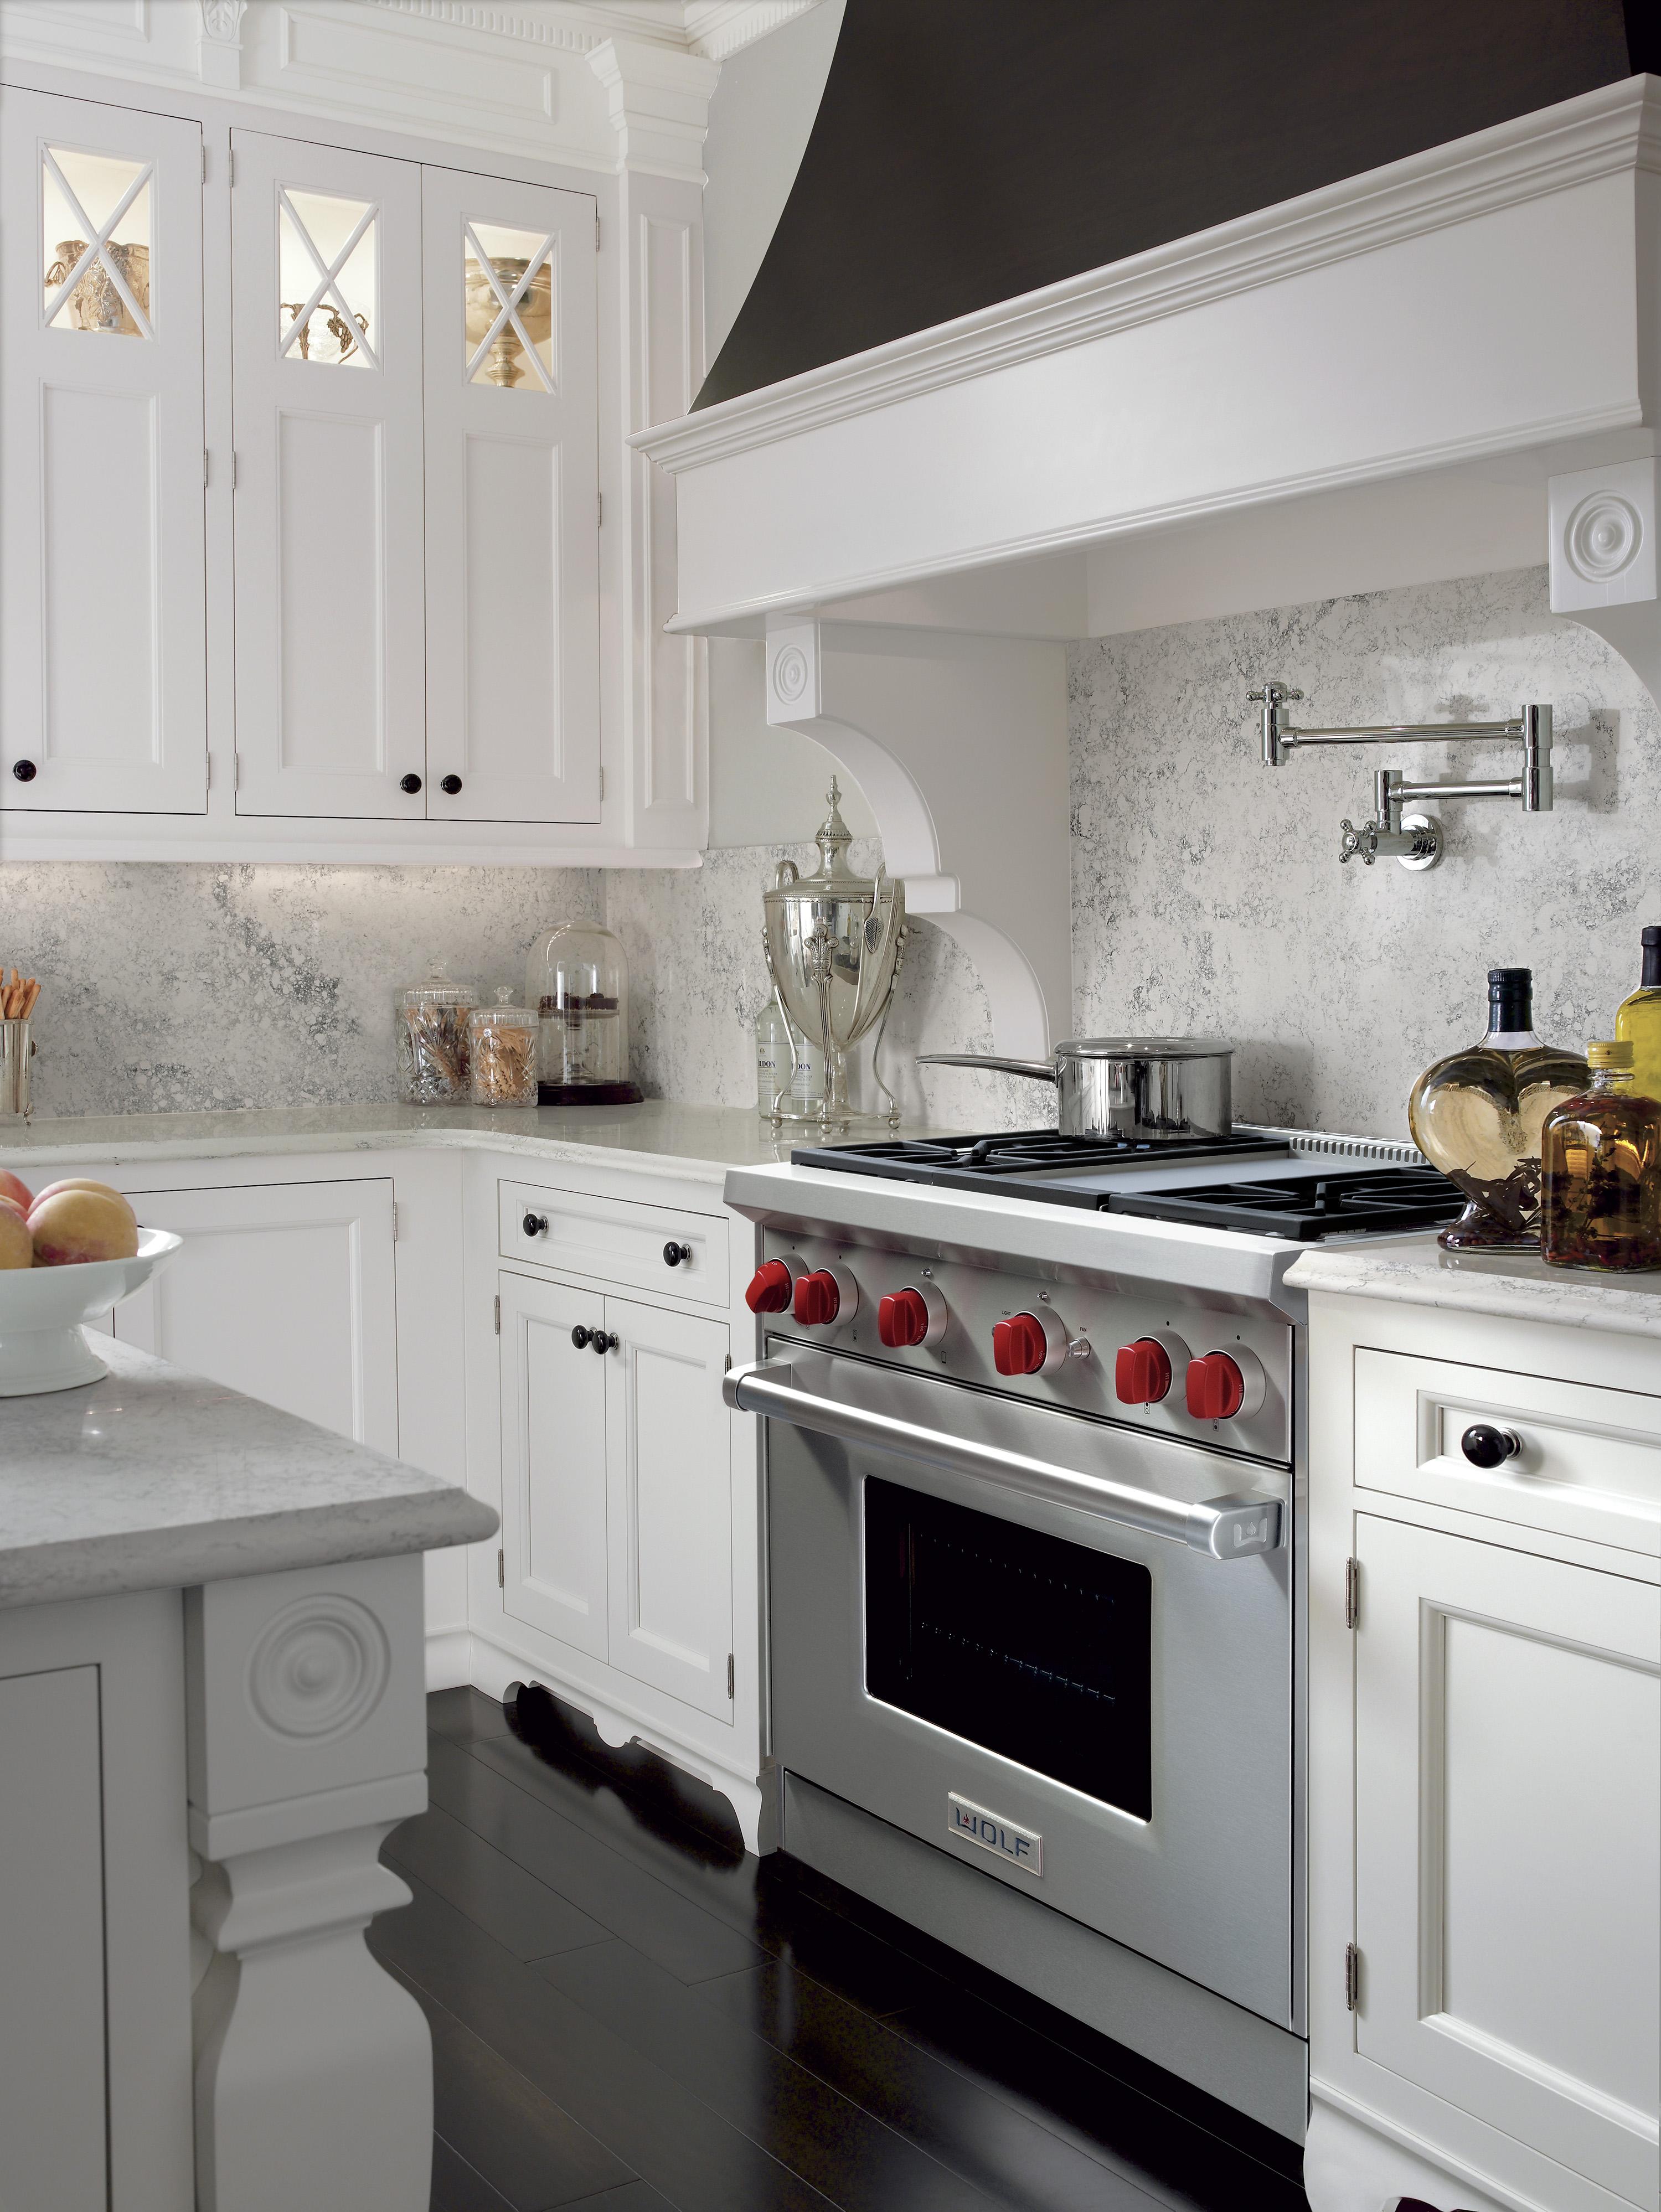 Pro style range in modern kitchen.